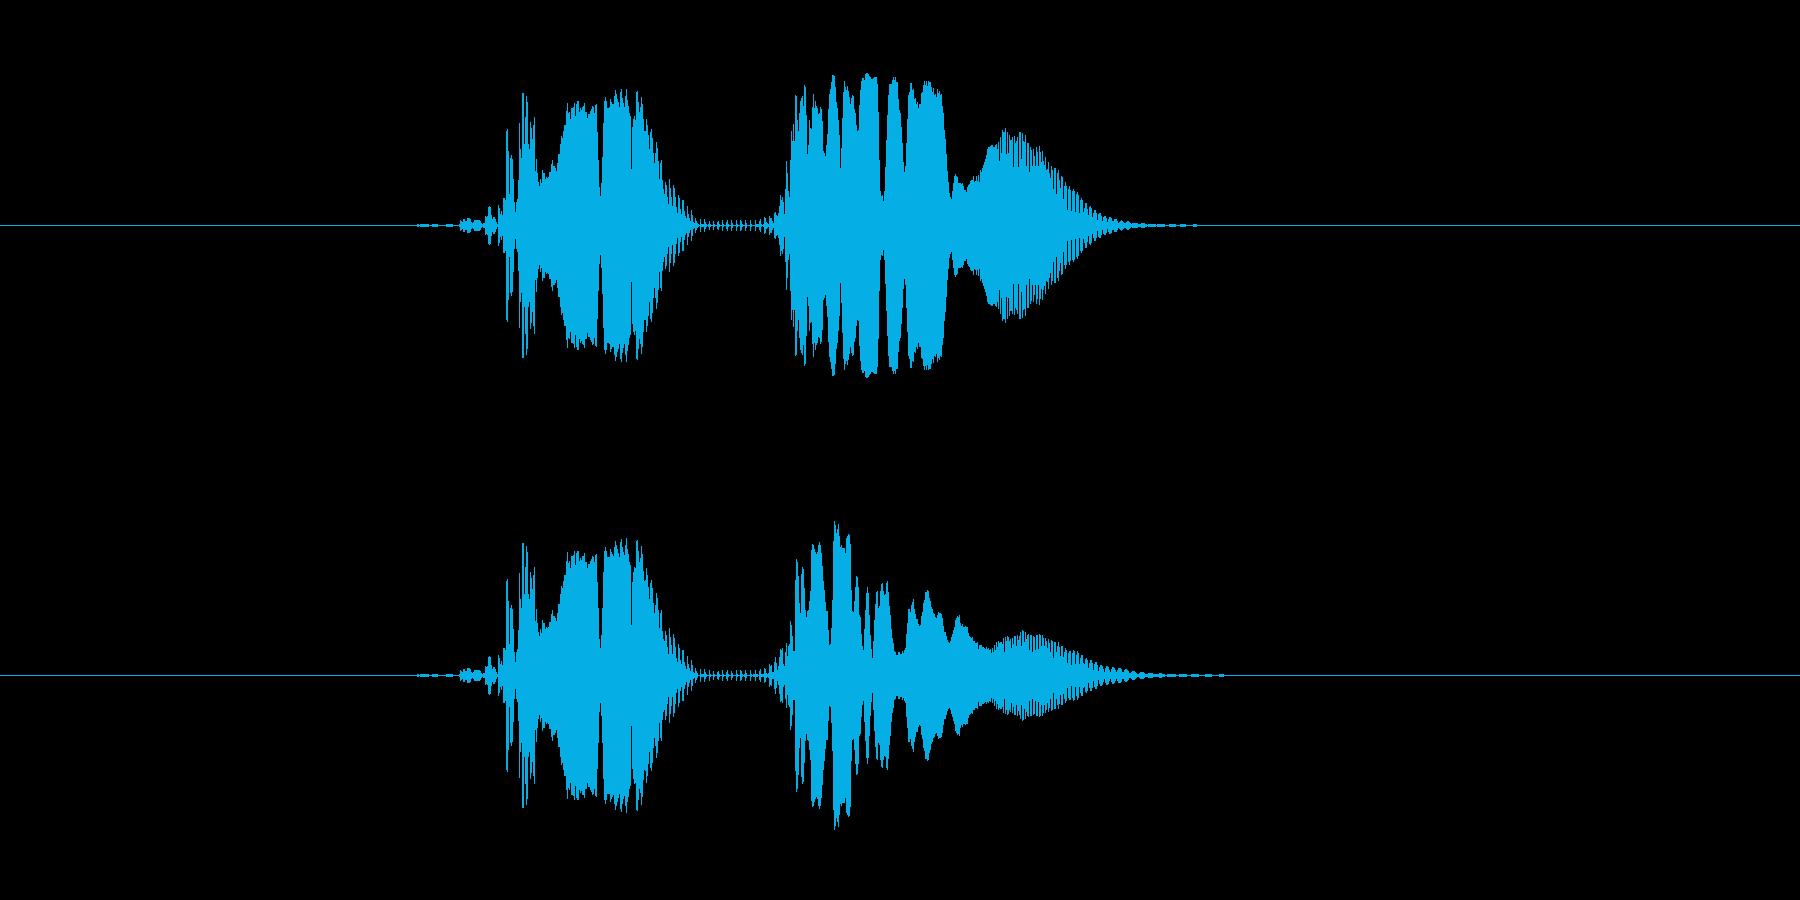 「ビィョン」という速度の速めなビーム音の再生済みの波形